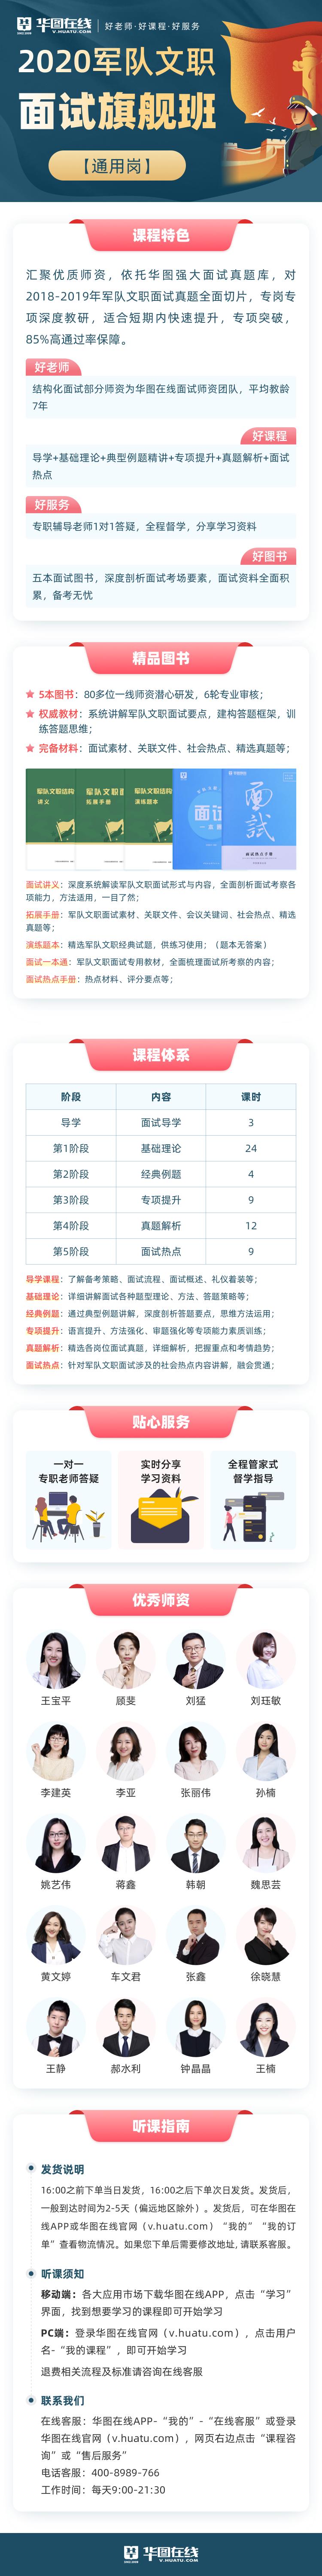 [华图]2020年军队文职结构化面试旗舰班通用岗(在线播放)插图